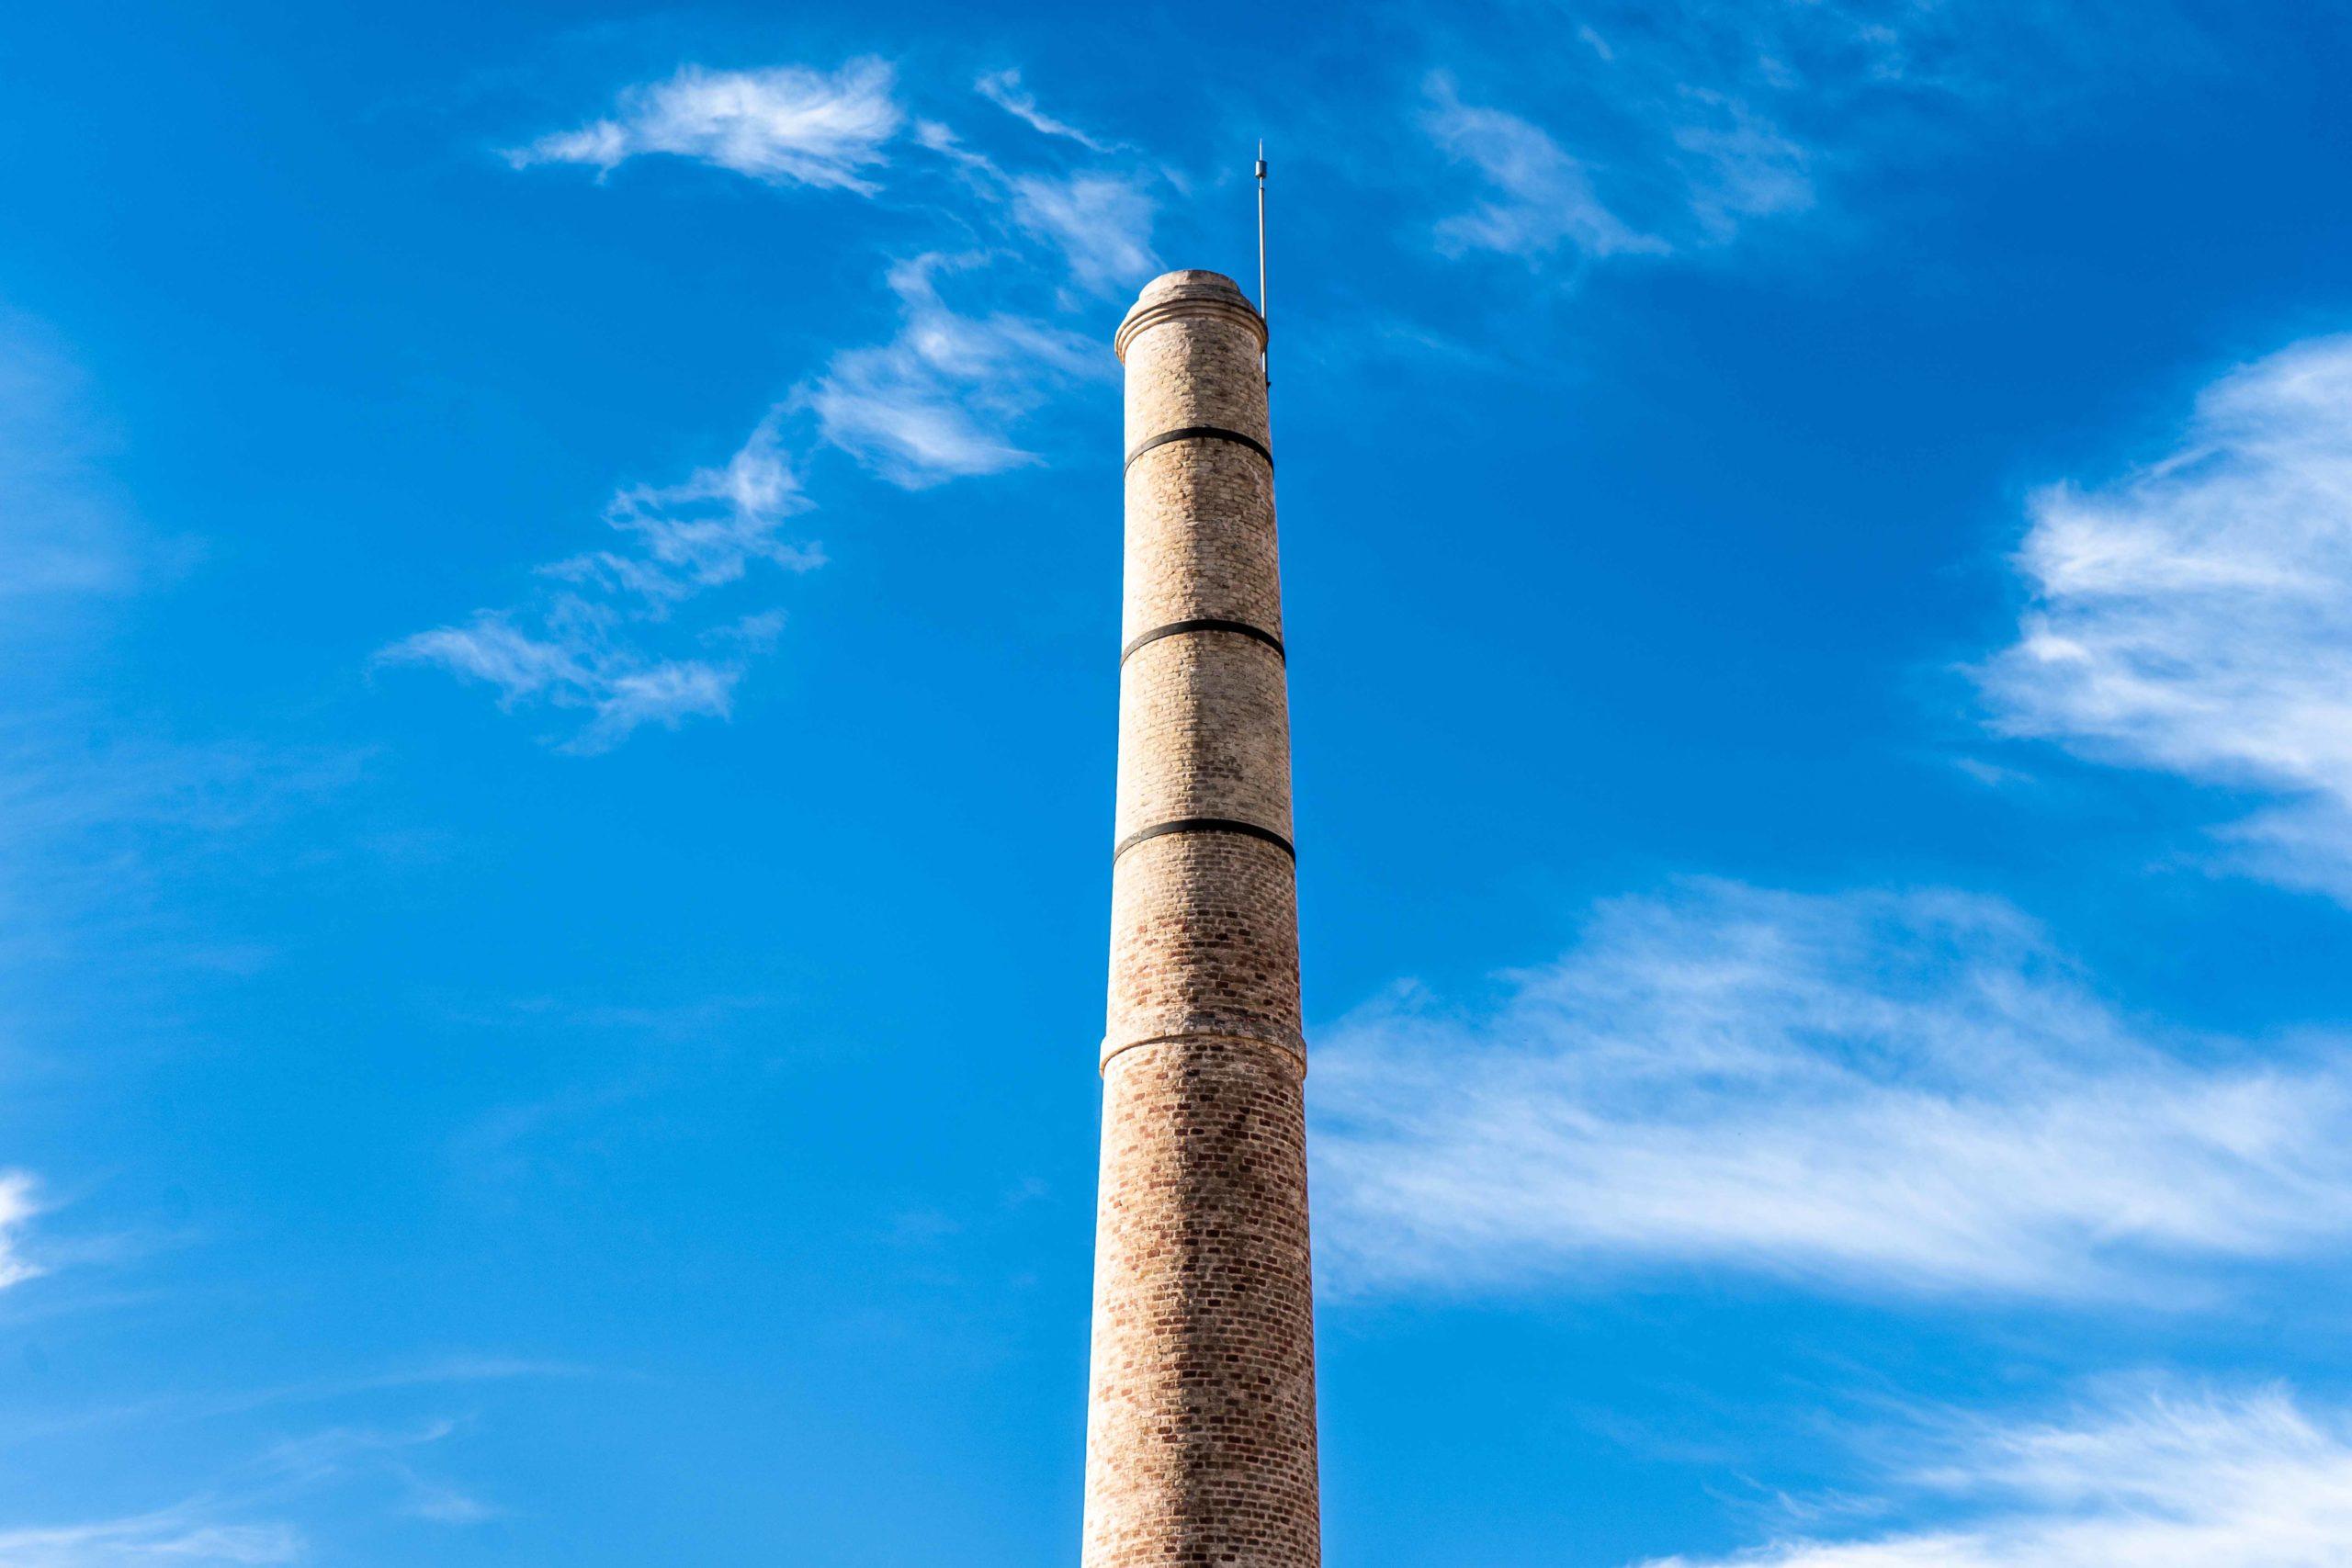 Fábrica de Seda. Antigua chimenea de la fábrica